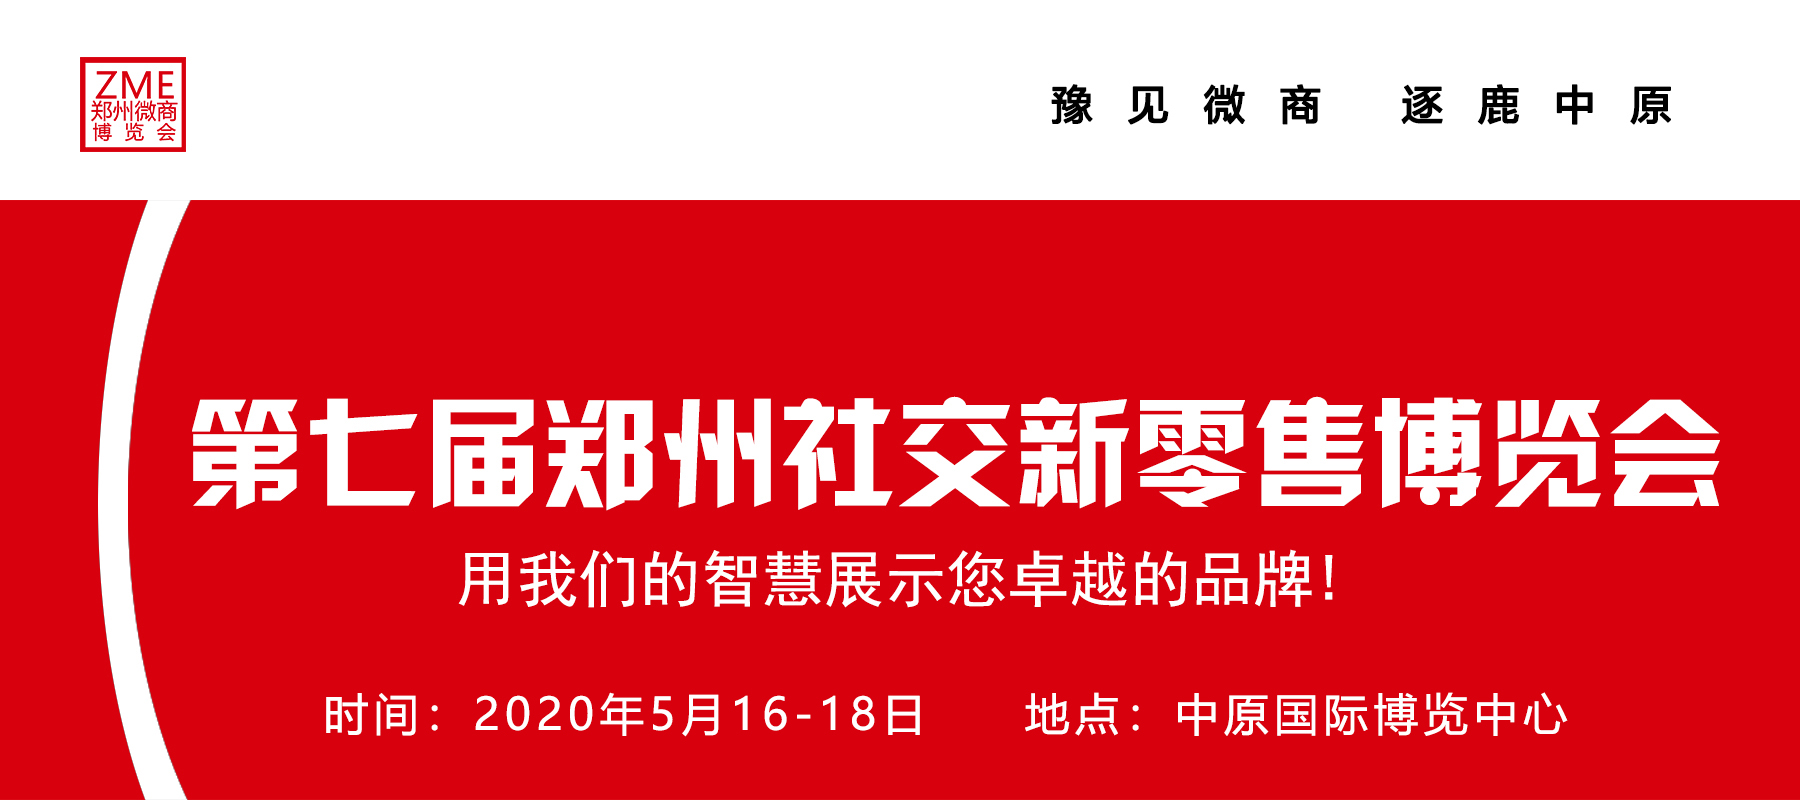 第七届郑州社交新零售博览会